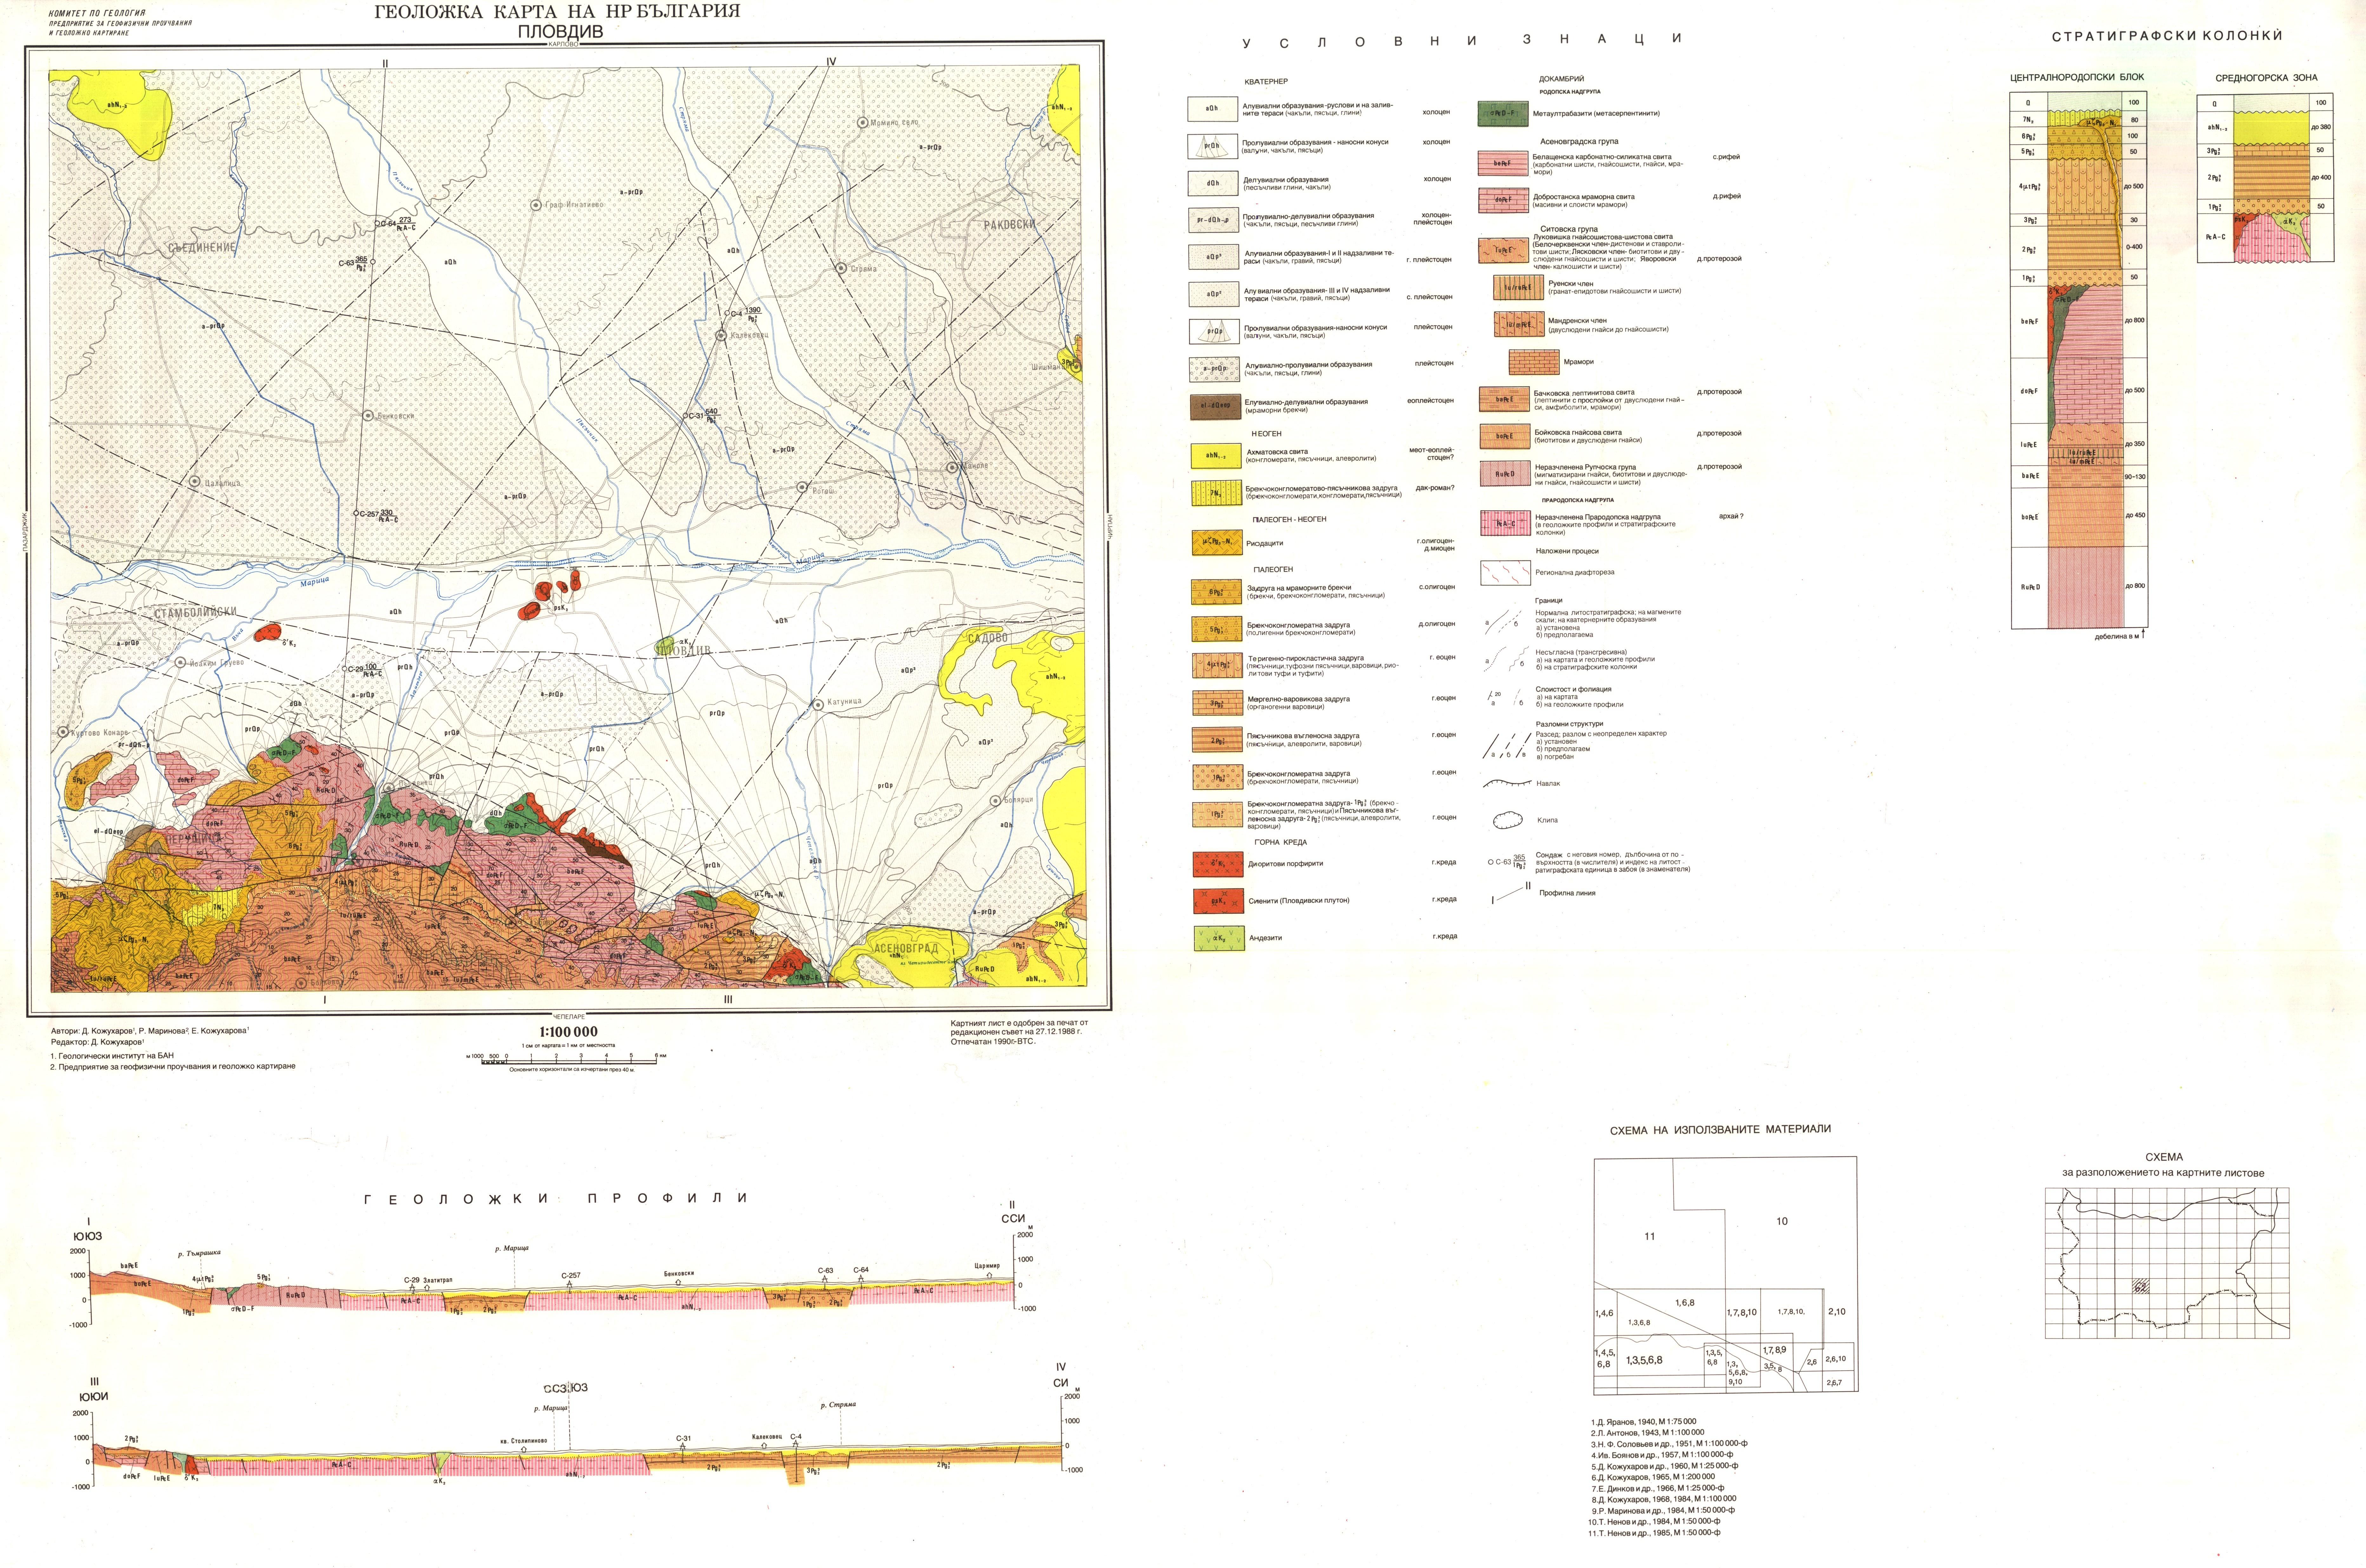 K 35 062 Plovdiv Geolozhka Karta Na Blgariya Geologicheskij